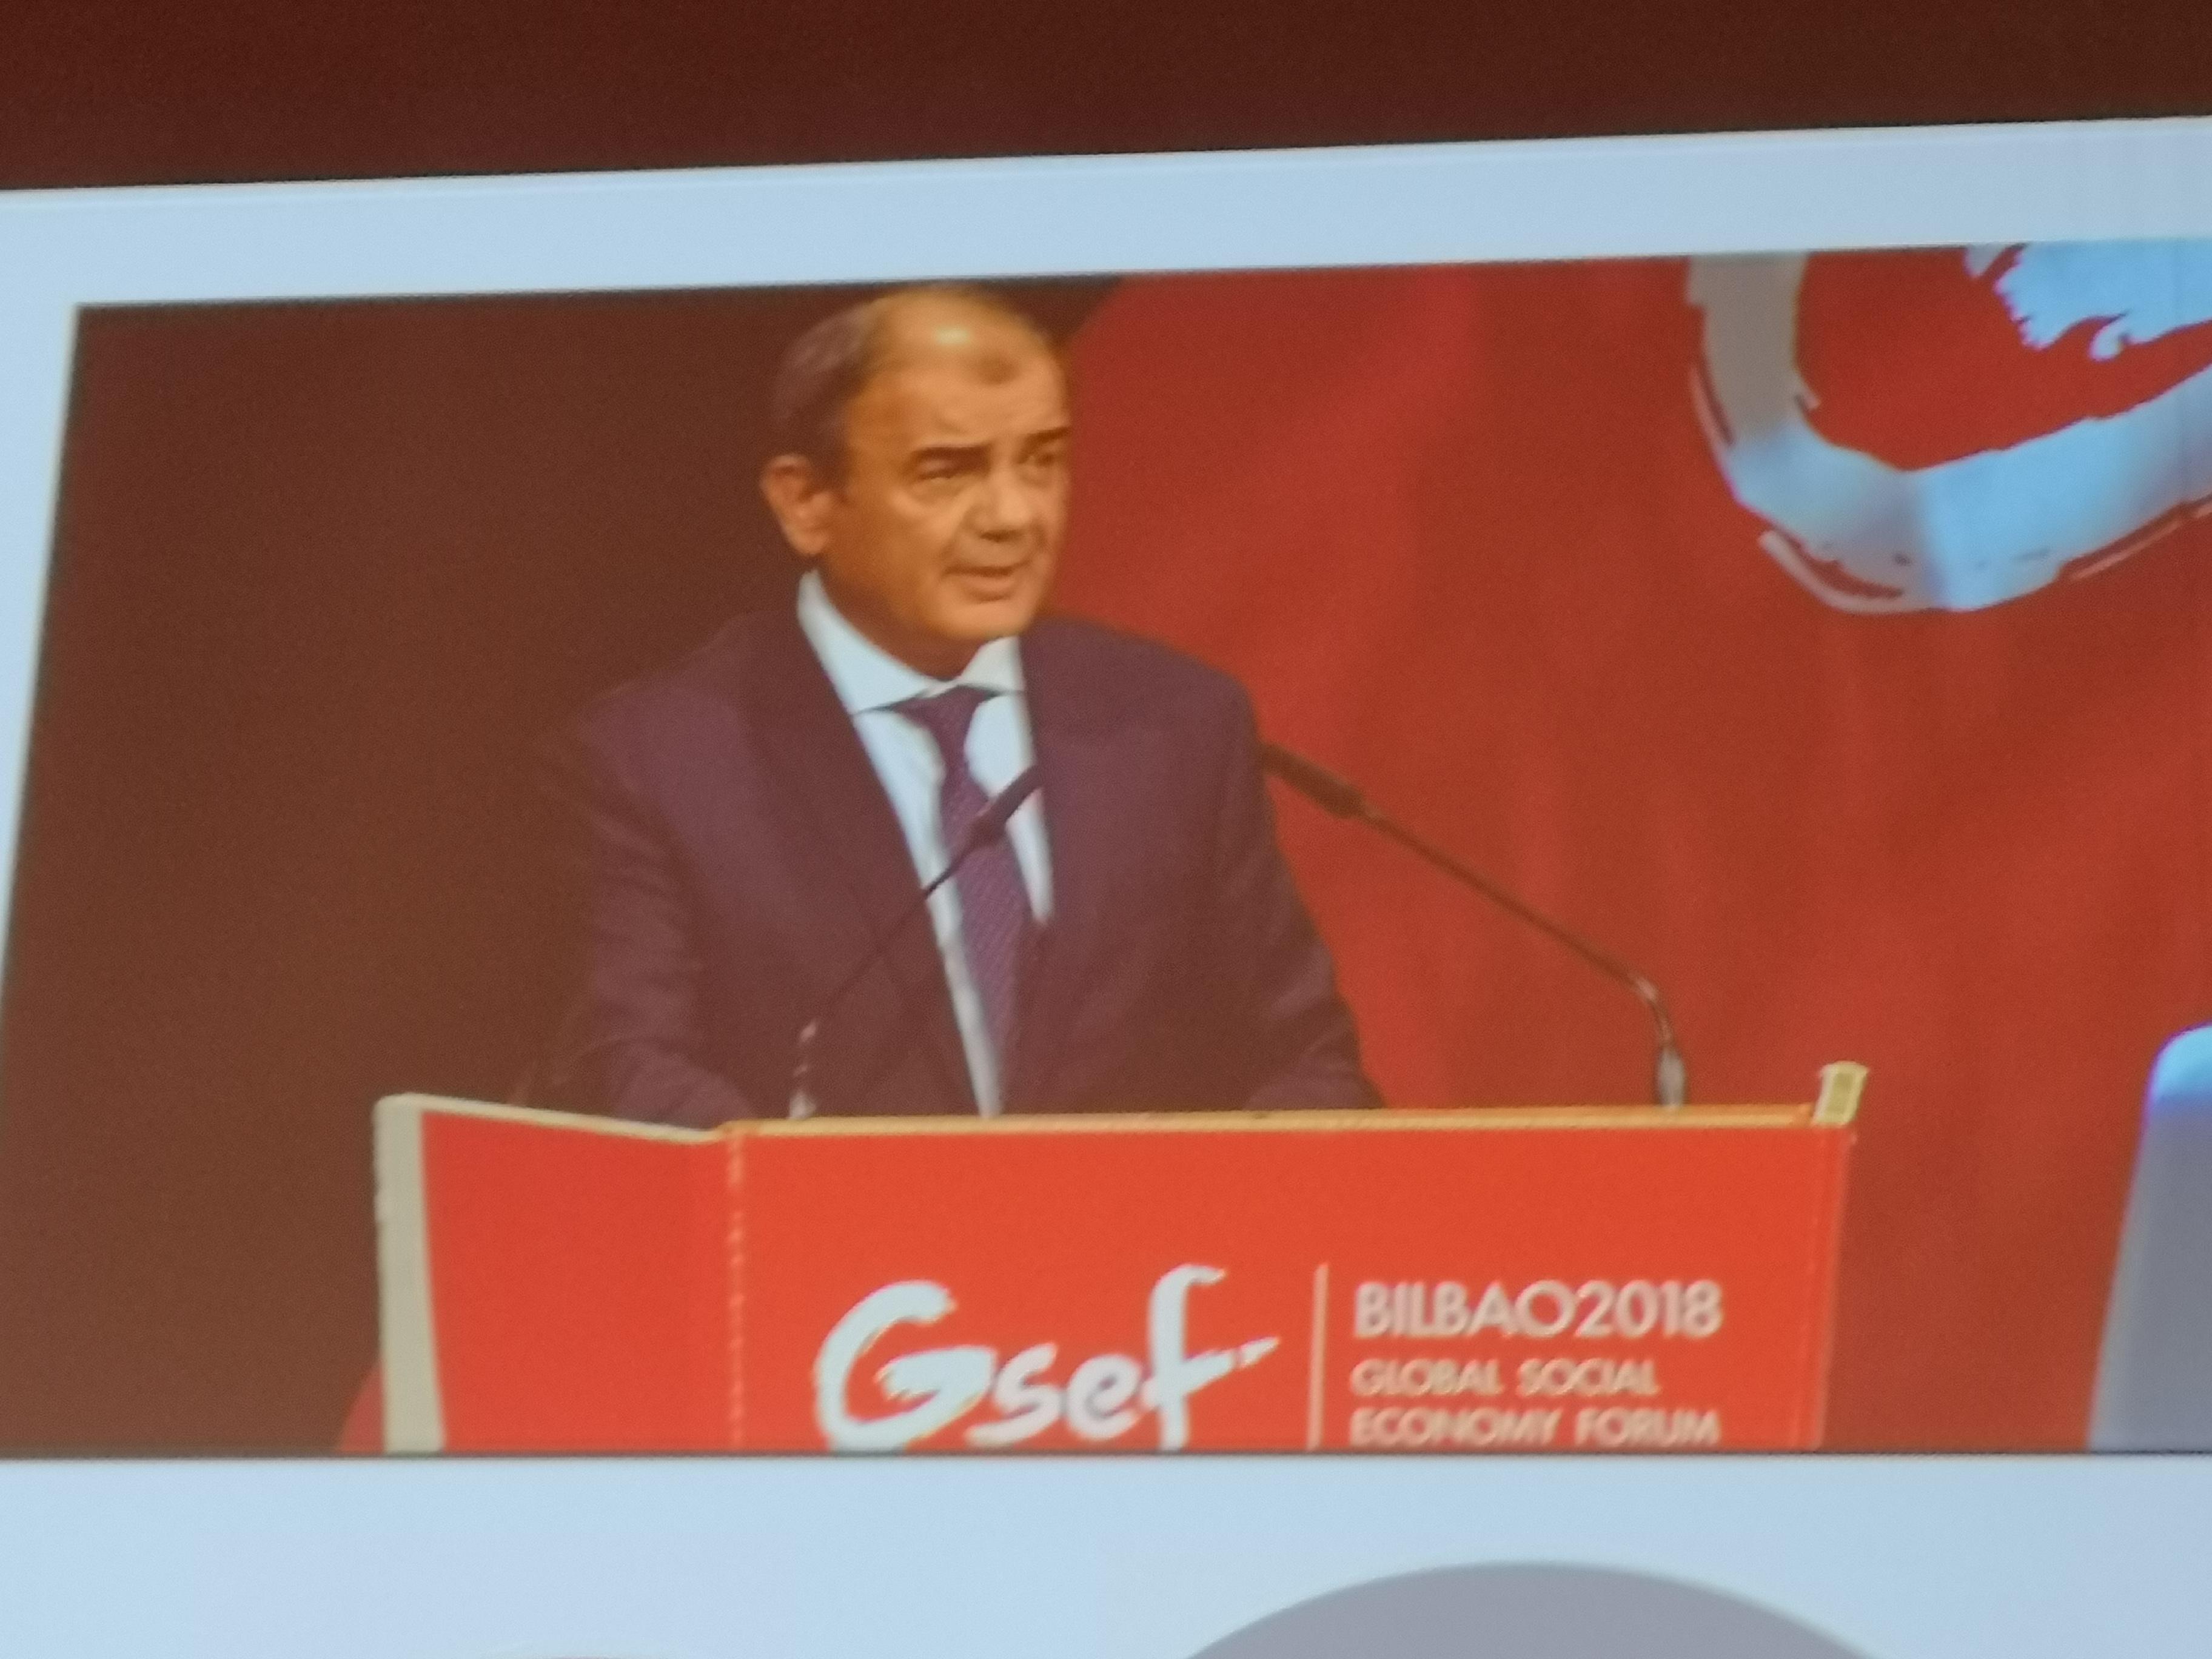 El presidente de COCETA, Juan Antonio Pedreño, en su calidad de presidente de CEPES y de Social Economy Europe anuncia que presentará a la UE un plan de Acción Europeo para la Economía Social